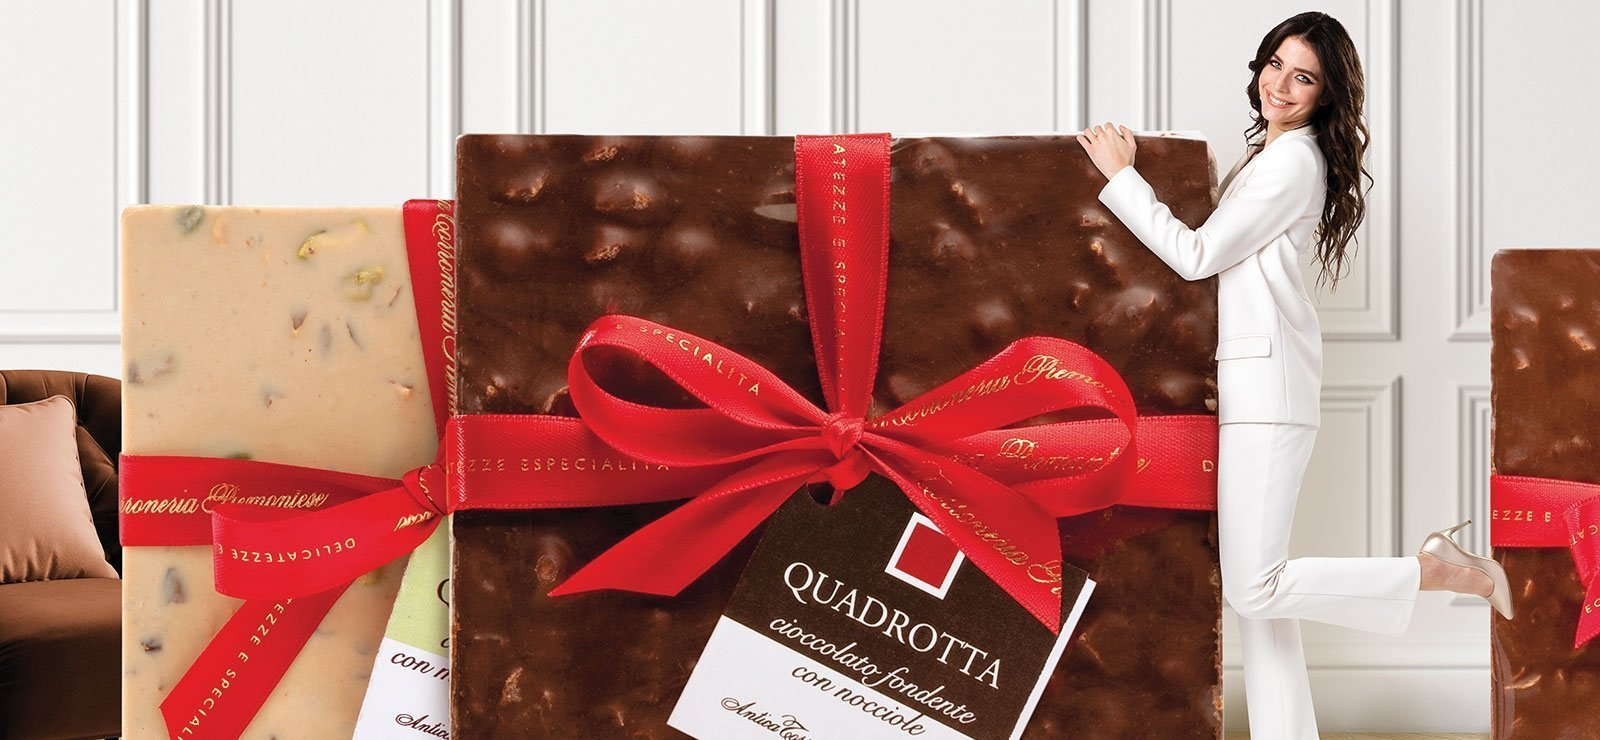 Antica Torroneria Piemontese - Cioccolato, gianduja e praline